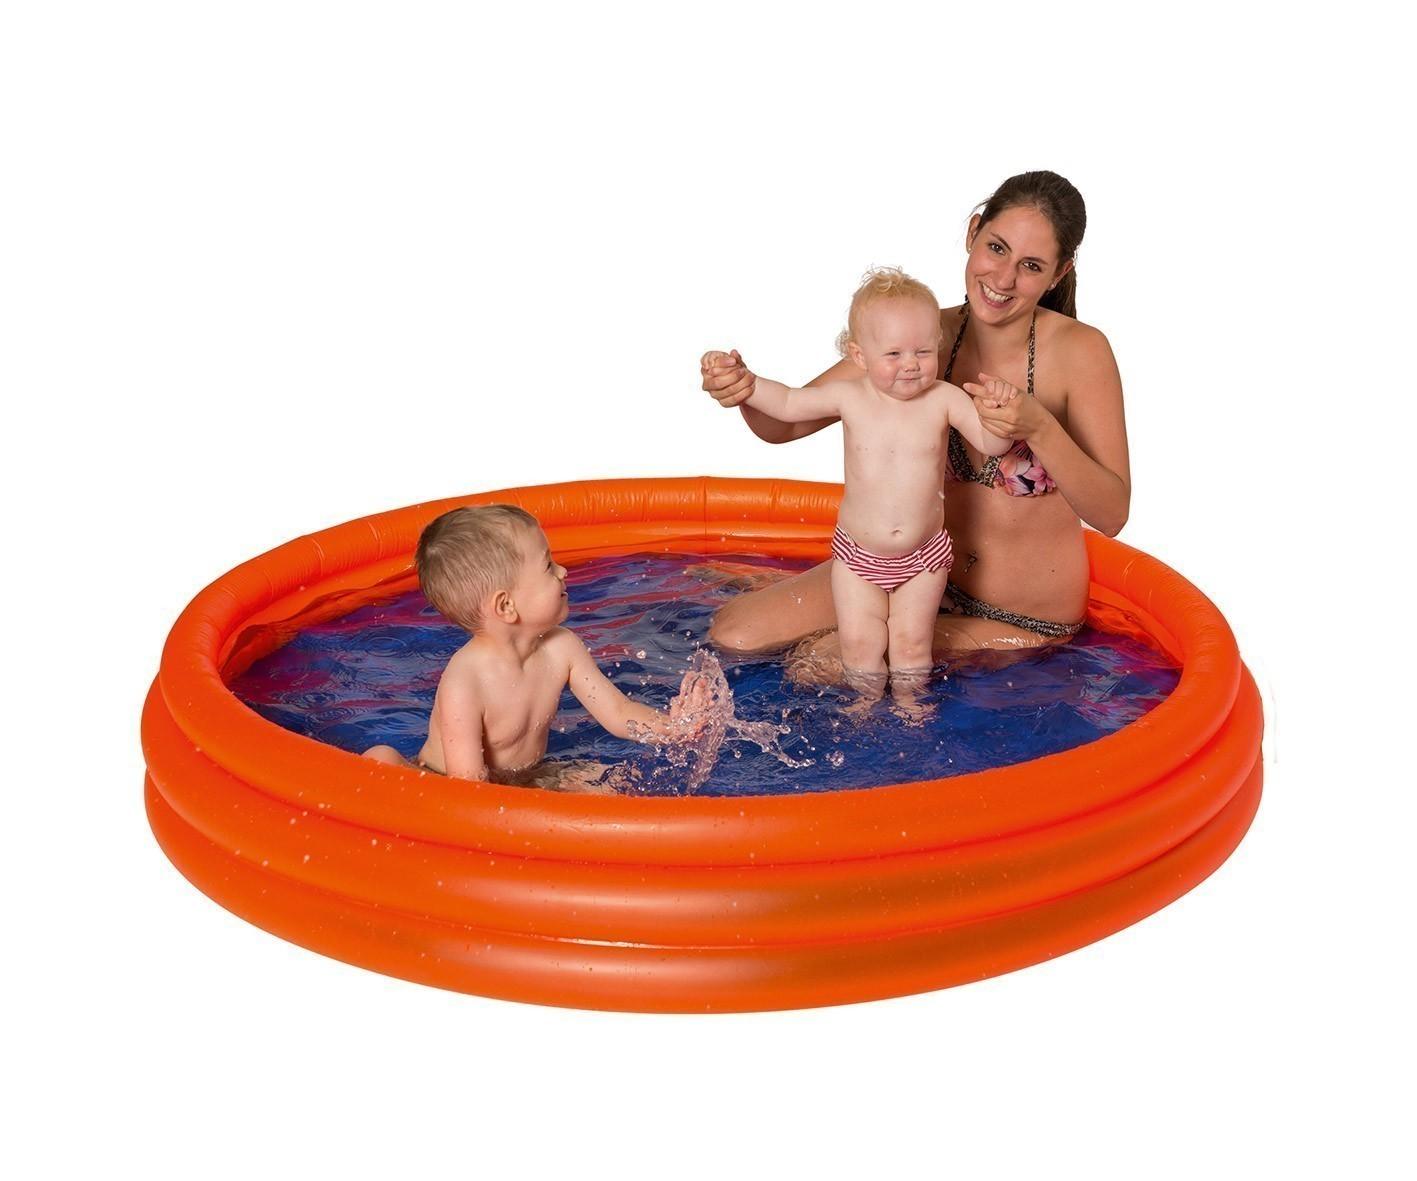 Planschbecken / Uni 3-Ring-Pool Ø ca. 175cm Happy People 77713 Bild 1